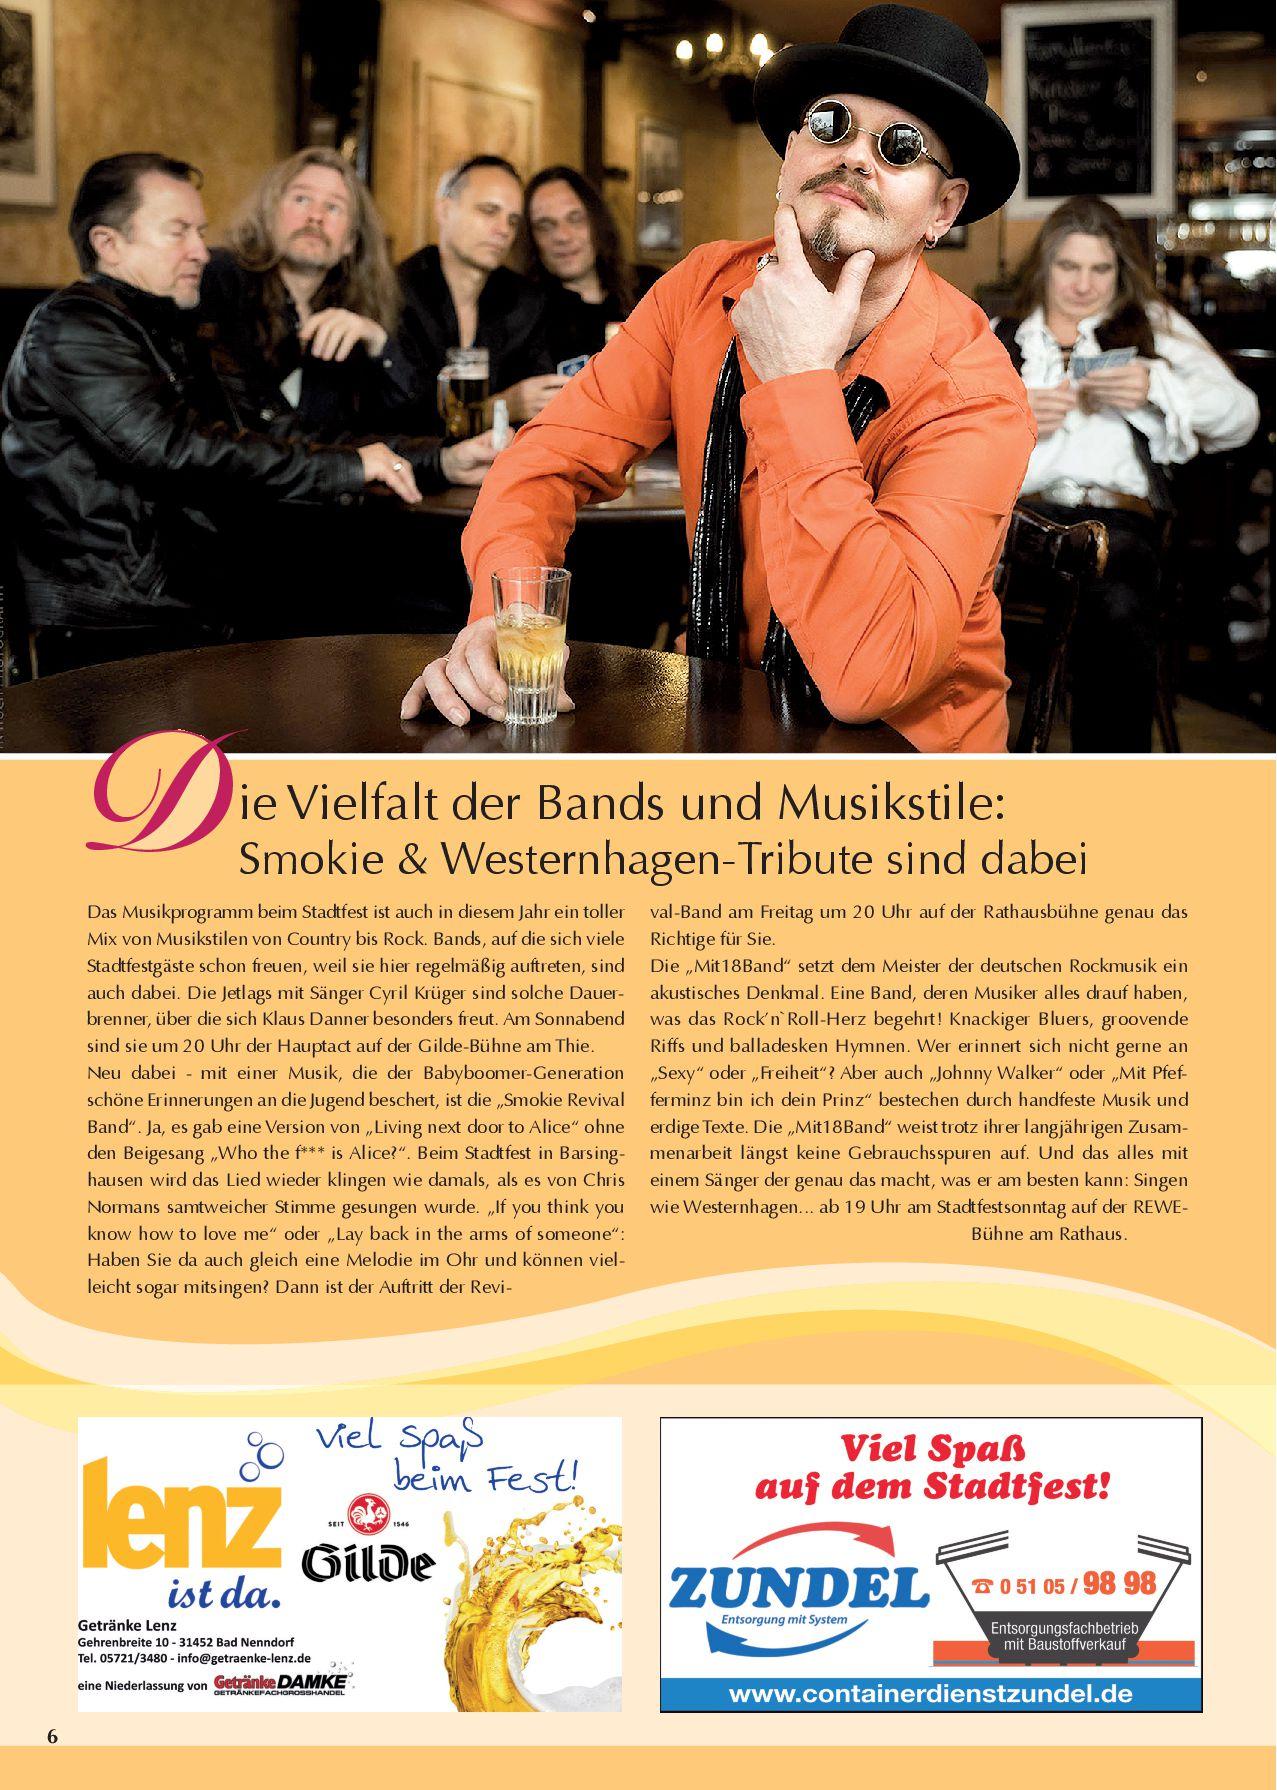 Barsinghausen11-06 - Typisch Region Hannover